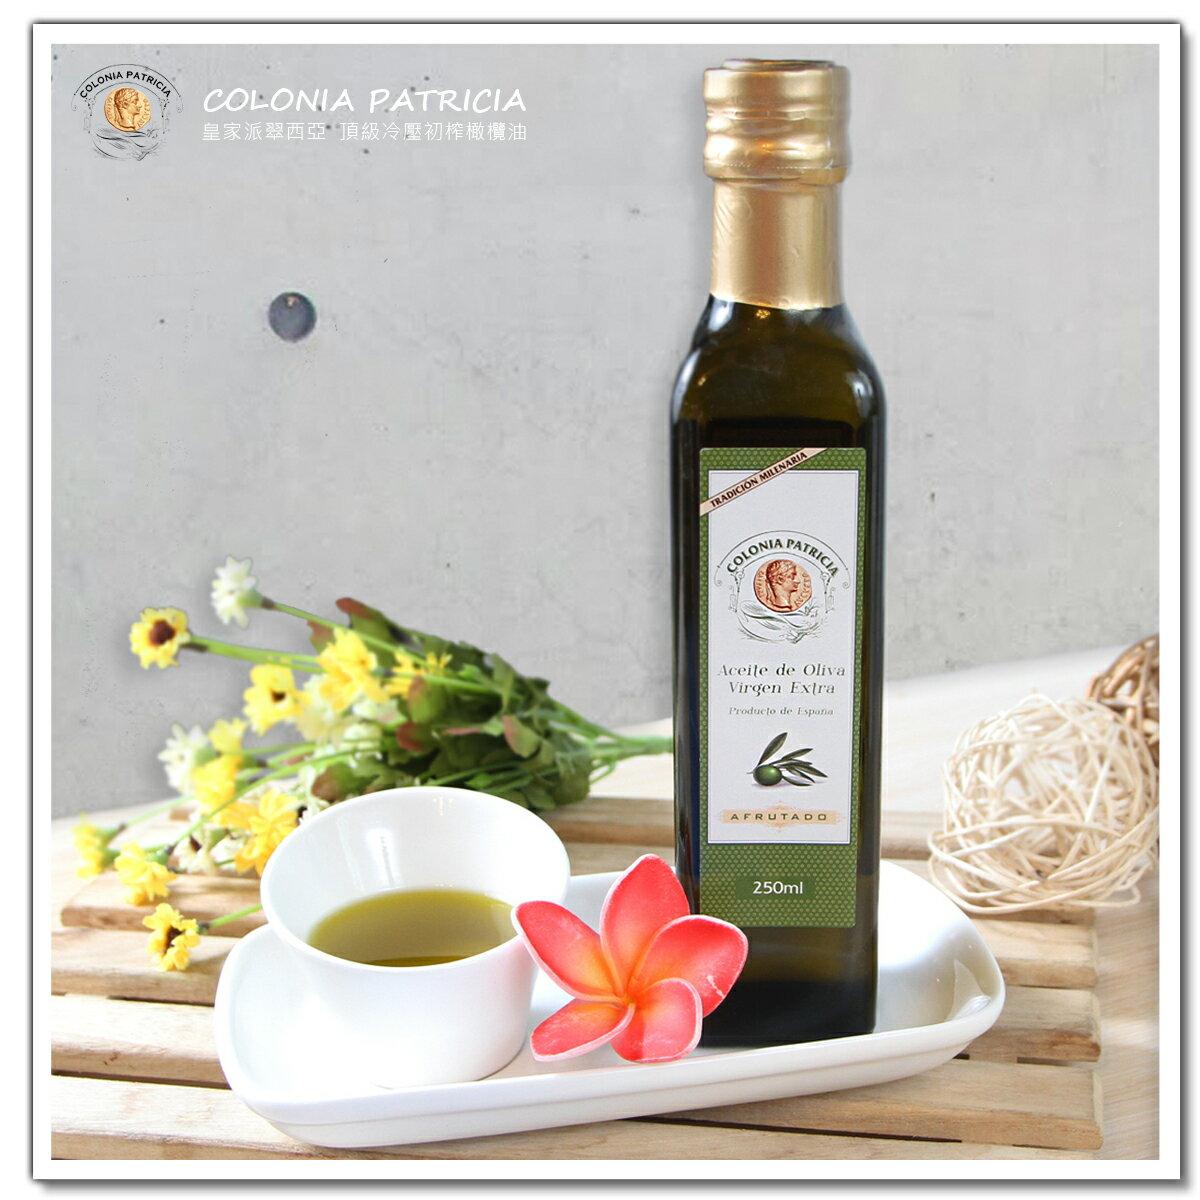 《西班牙皇家派翠西亞100%頂級單品冷壓初榨橄欖油》【250ml單瓶裝含盒】單一品種:Hojiblanca 白葉,口感果香